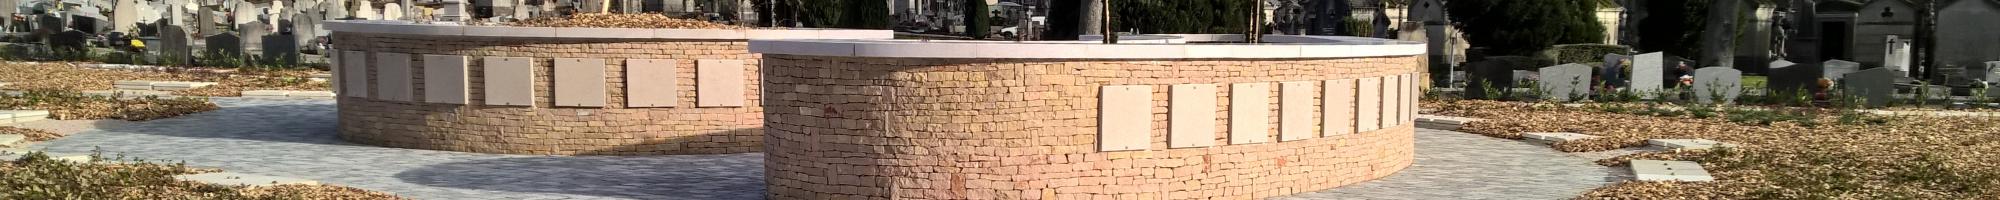 Bandeau - Cimetière Péjoces